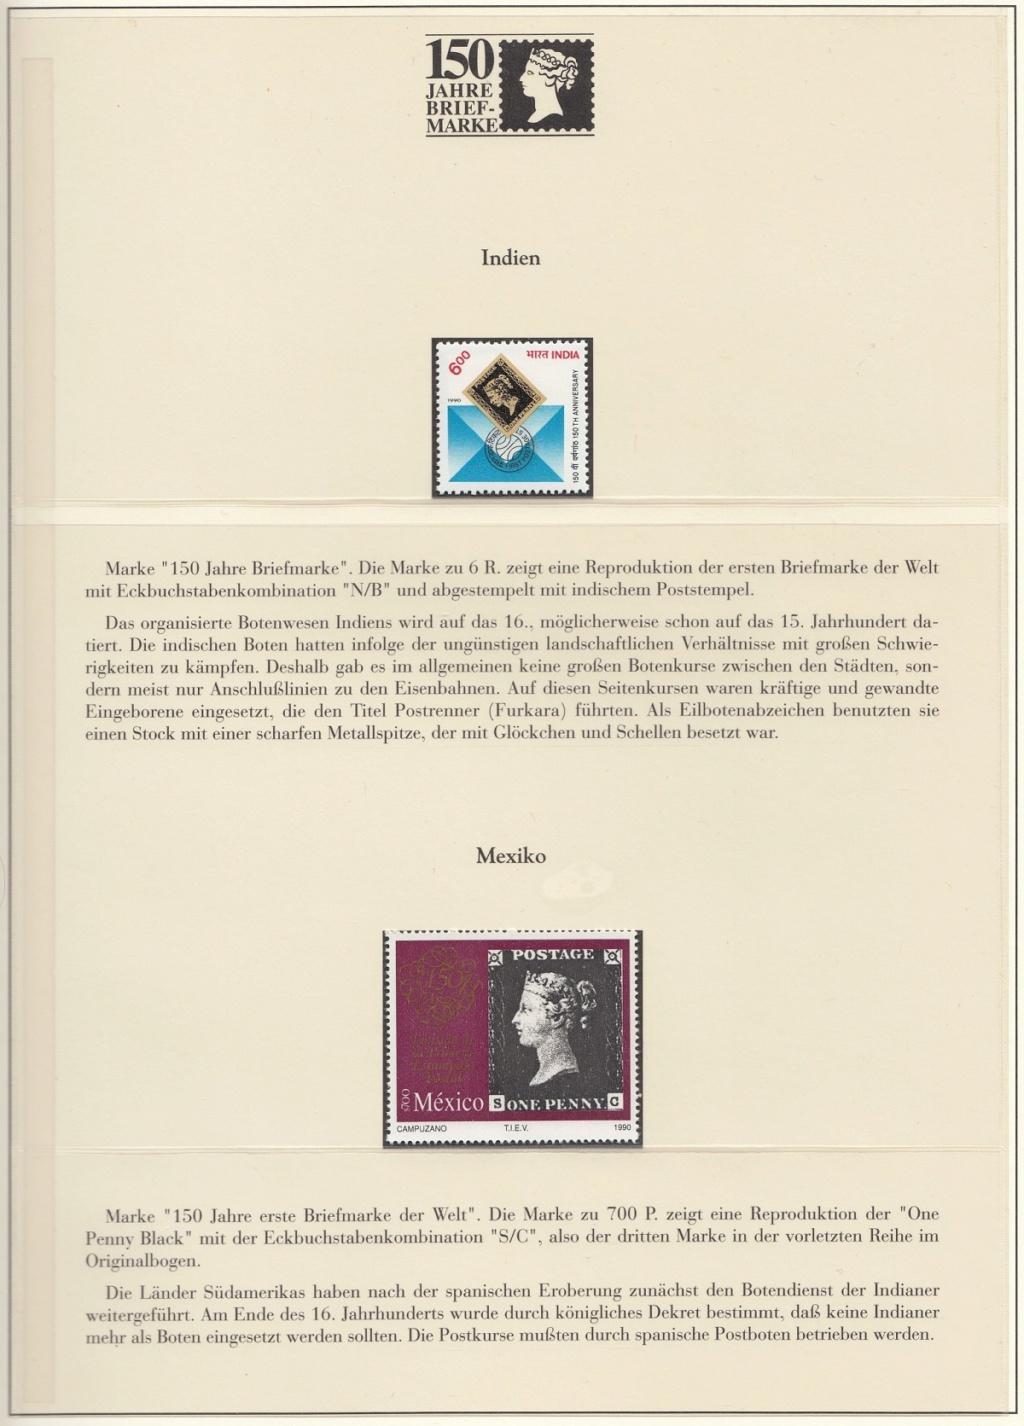 180 Jahre Briefmarke 150-3210